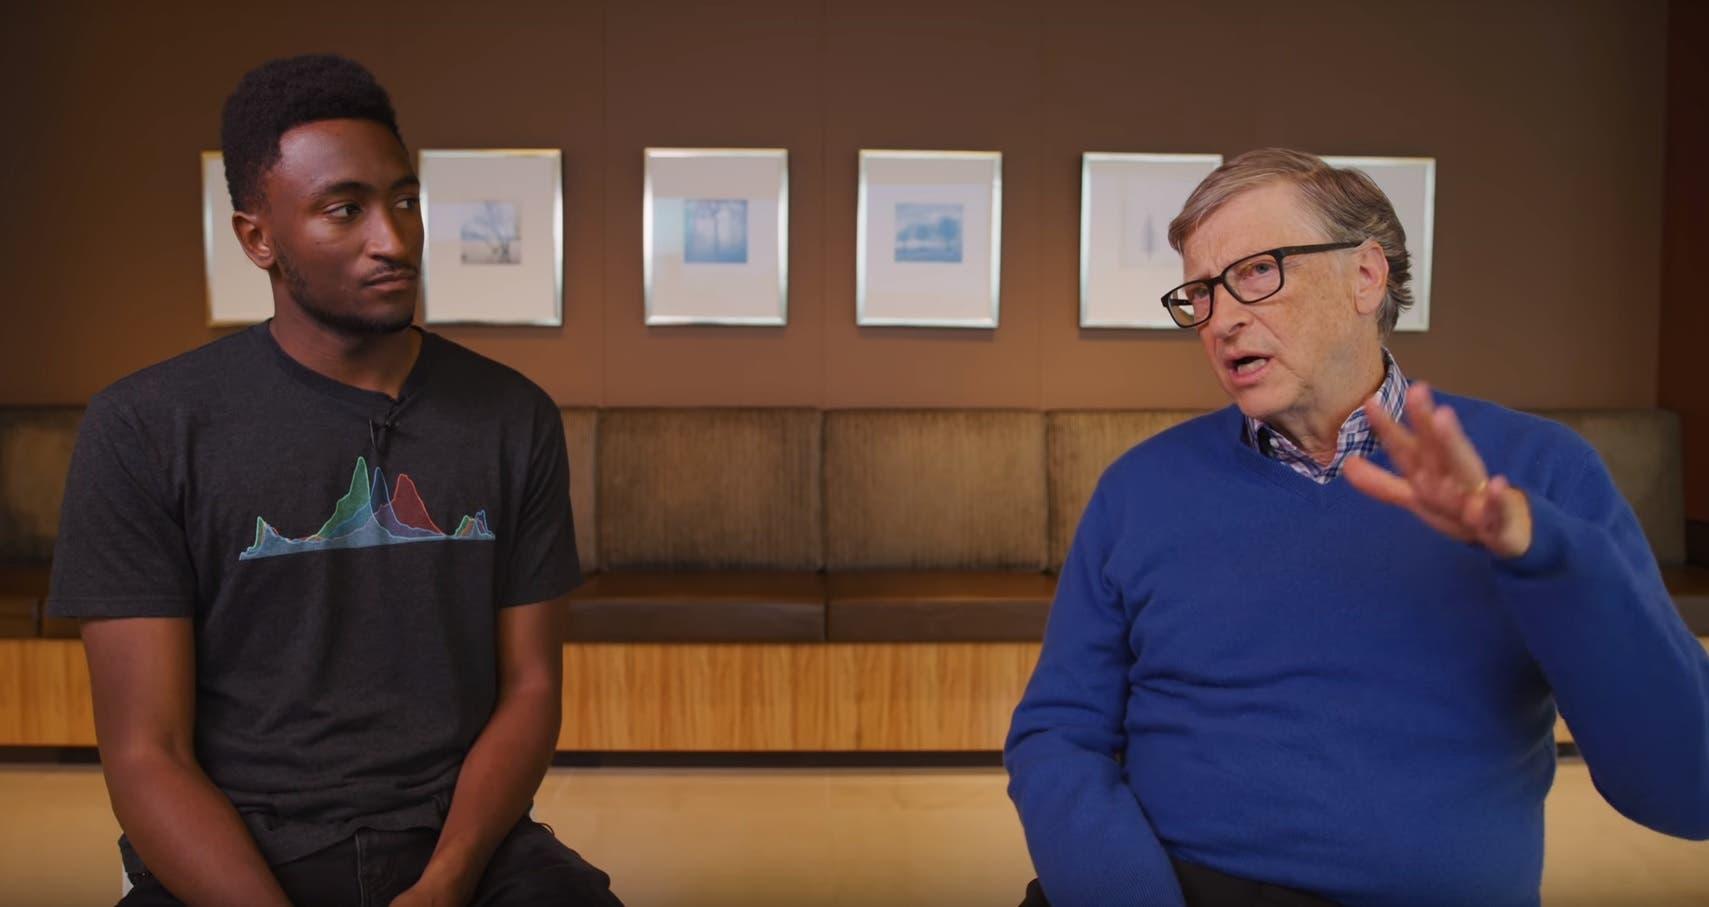 بيل غيتس يتحدث عن السيارات الكهربائية والتغير المناخي مع ماركيس براونلي